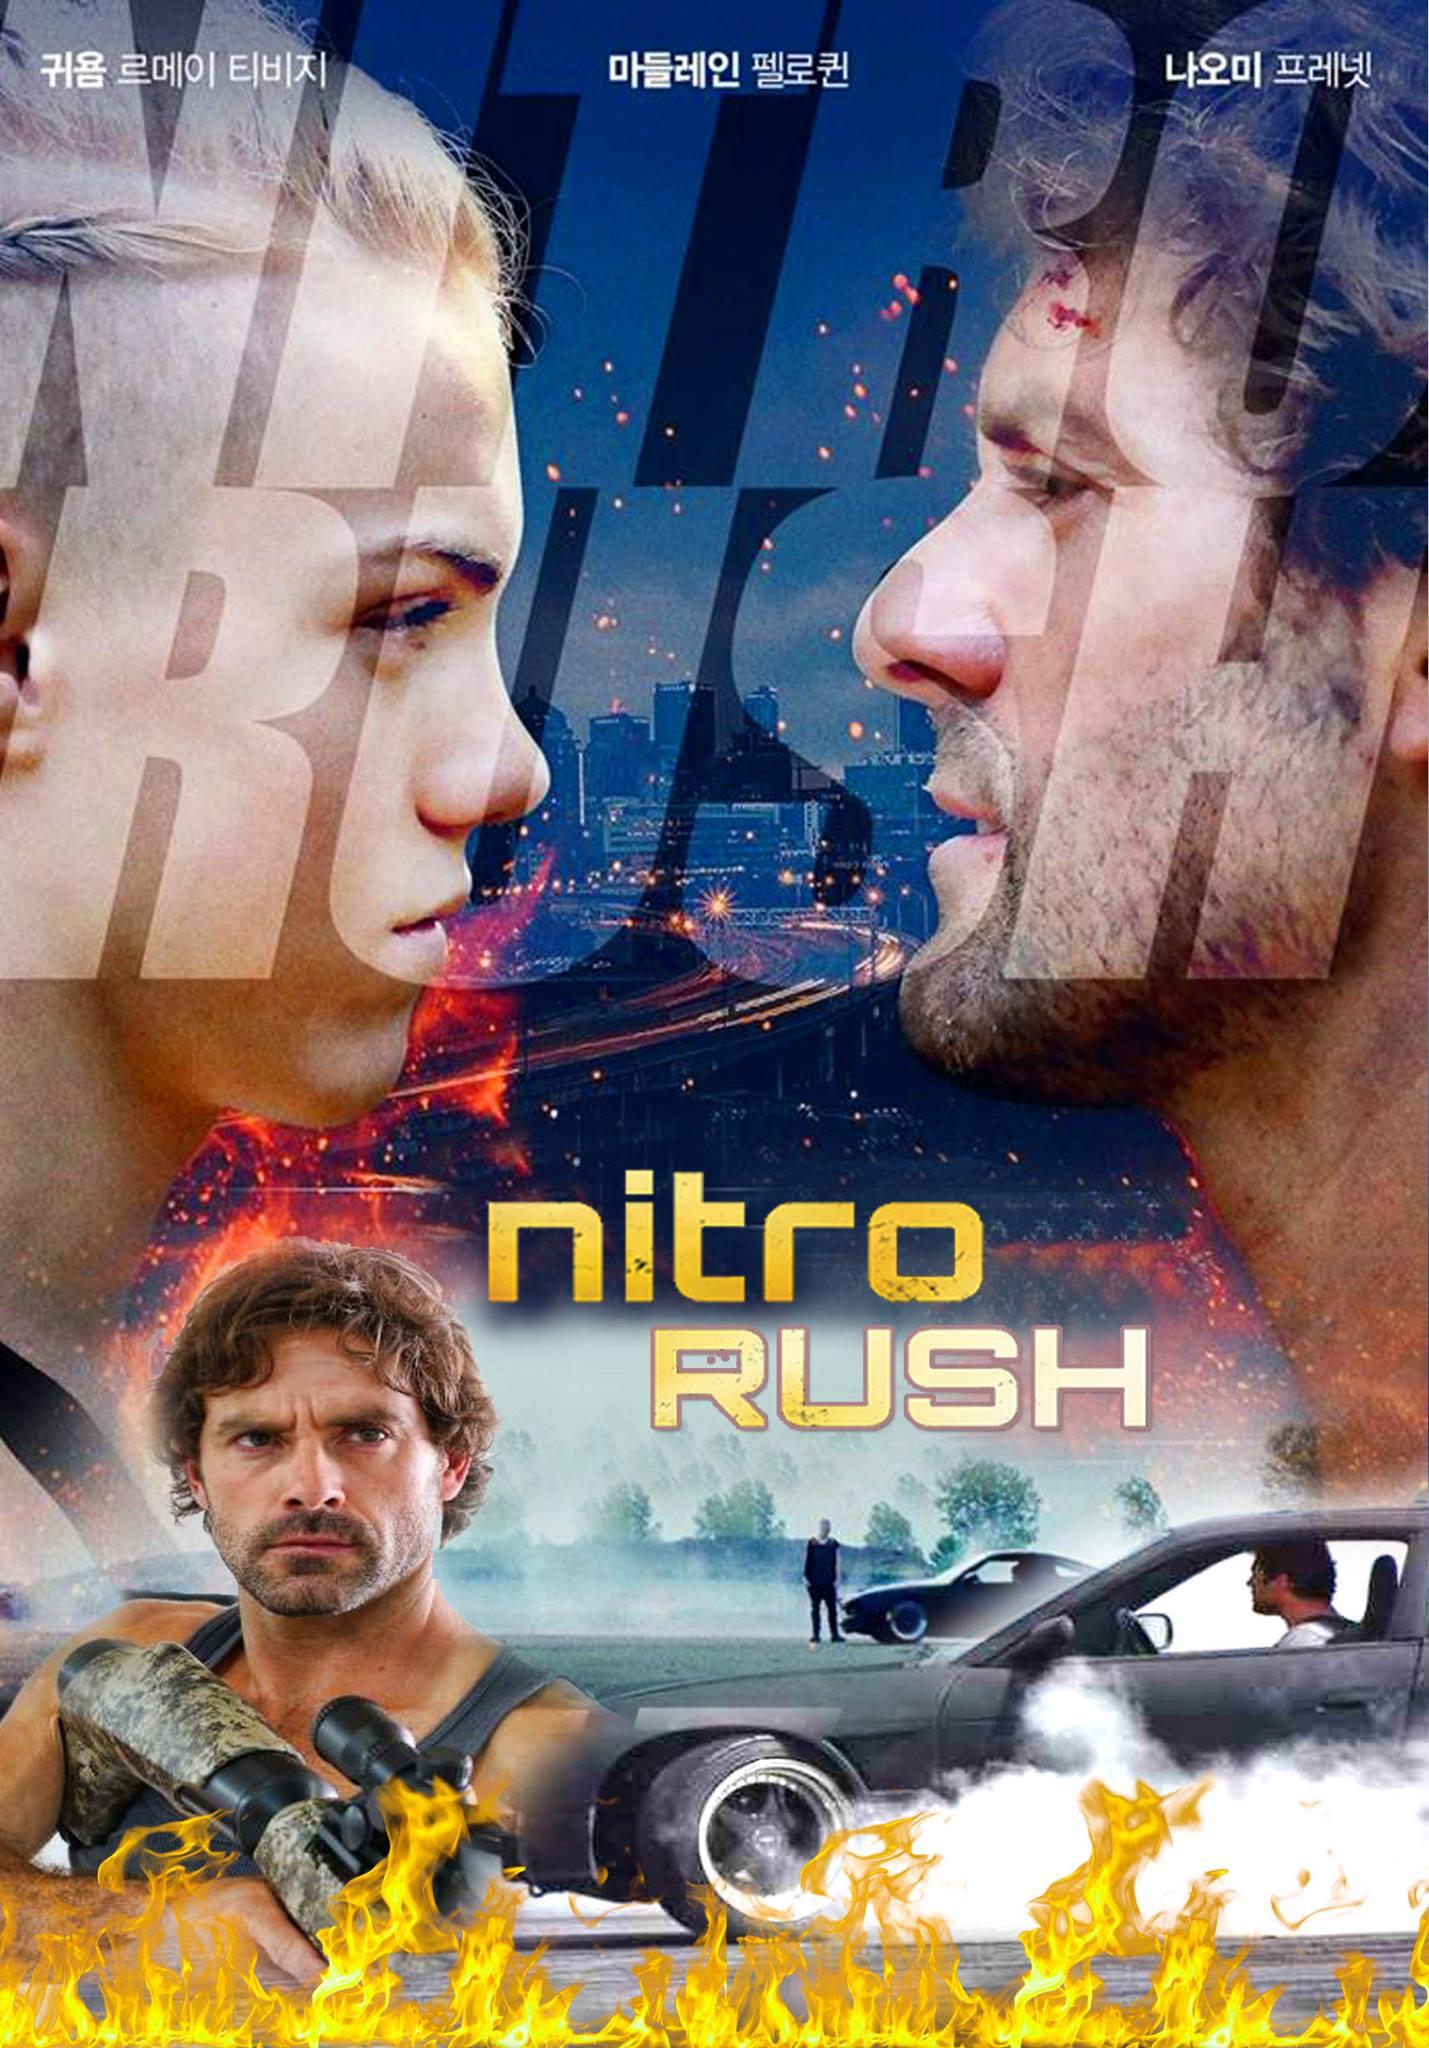 مشاهدة فيلم Nitro Rush 2016 مترجم اون لاين